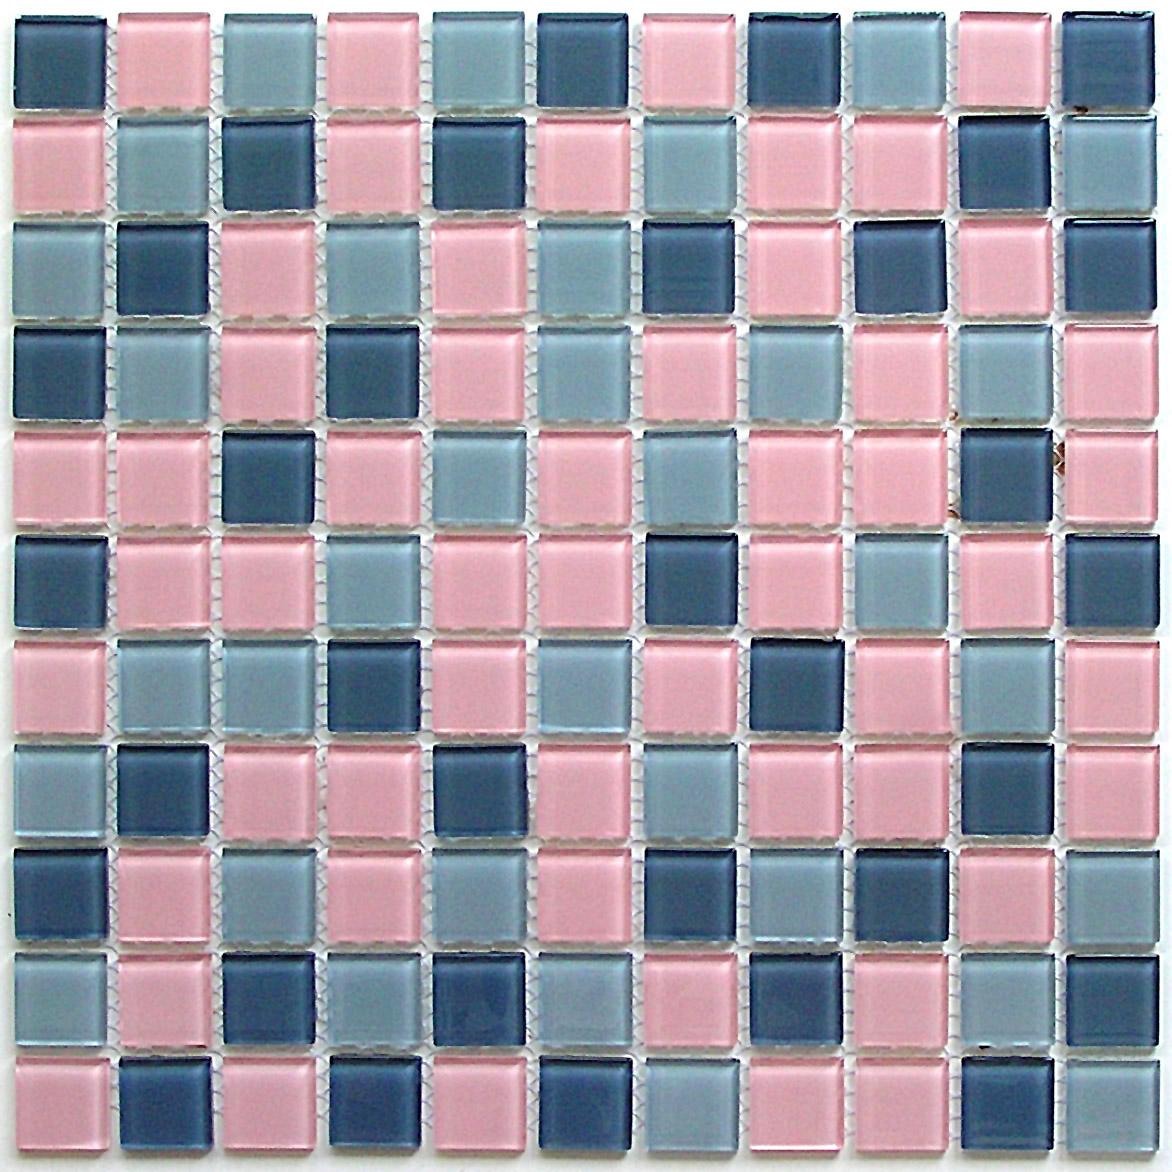 Купить Керамическая плитка China Mosaic Set mix (4x25x25) Мозаика 30x30, Китай